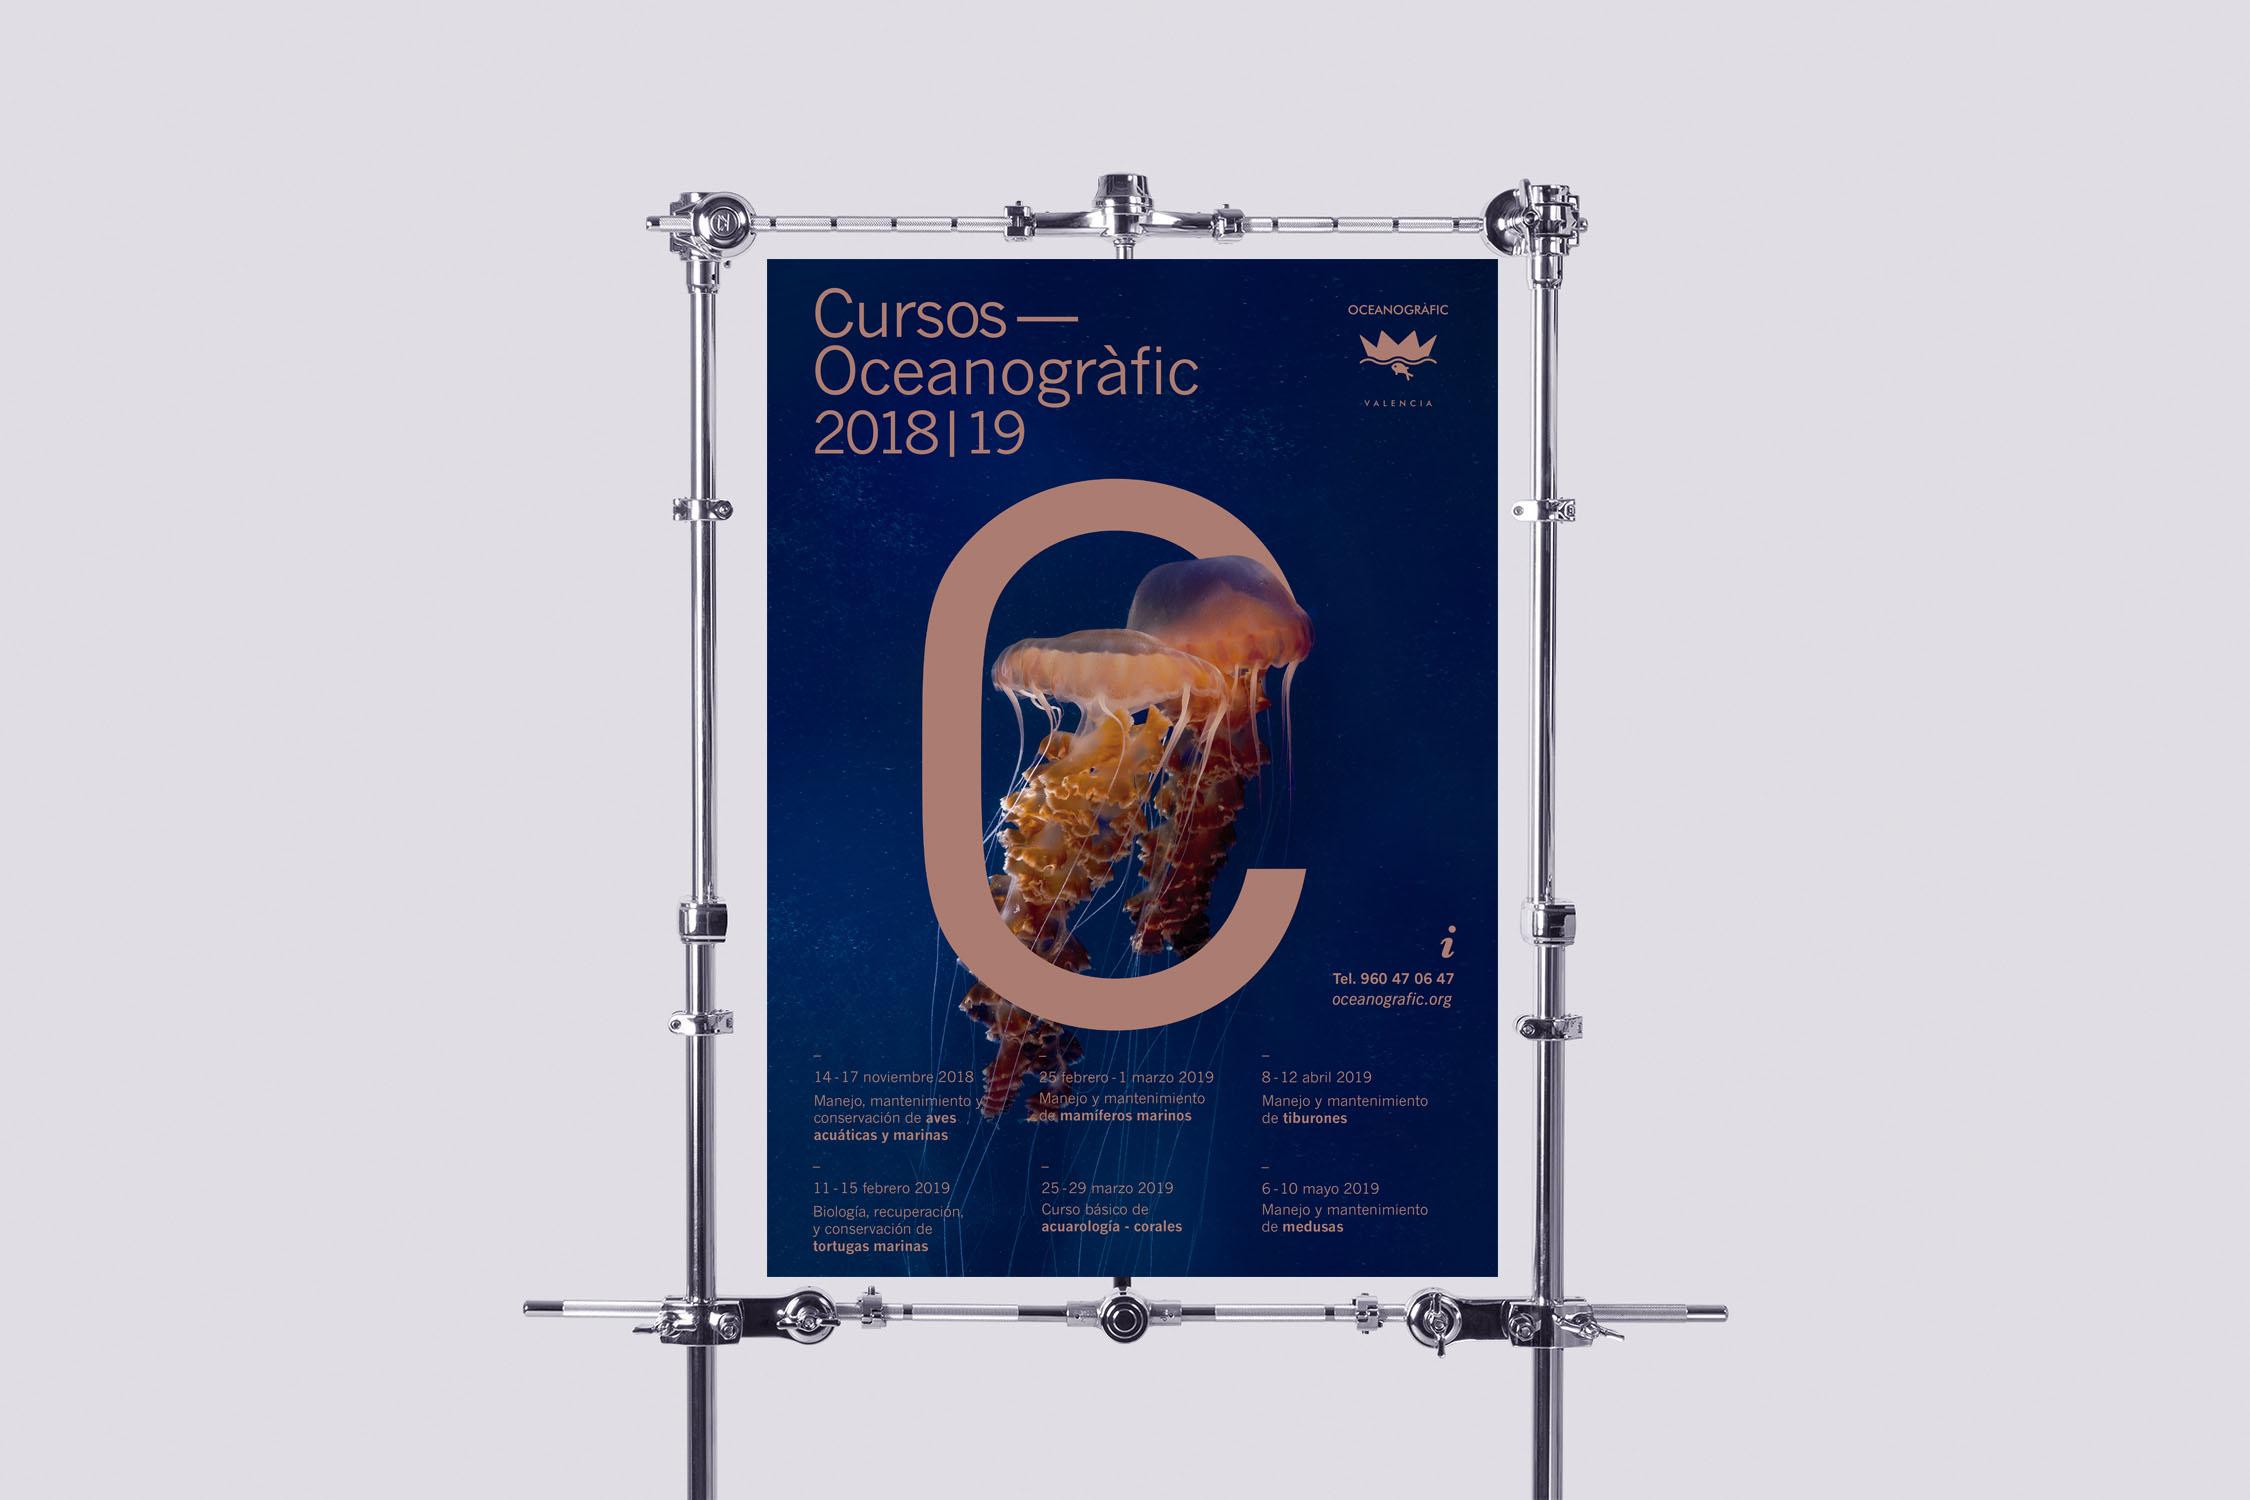 Curso Oceanogràfic medusas Diseño Gráfico